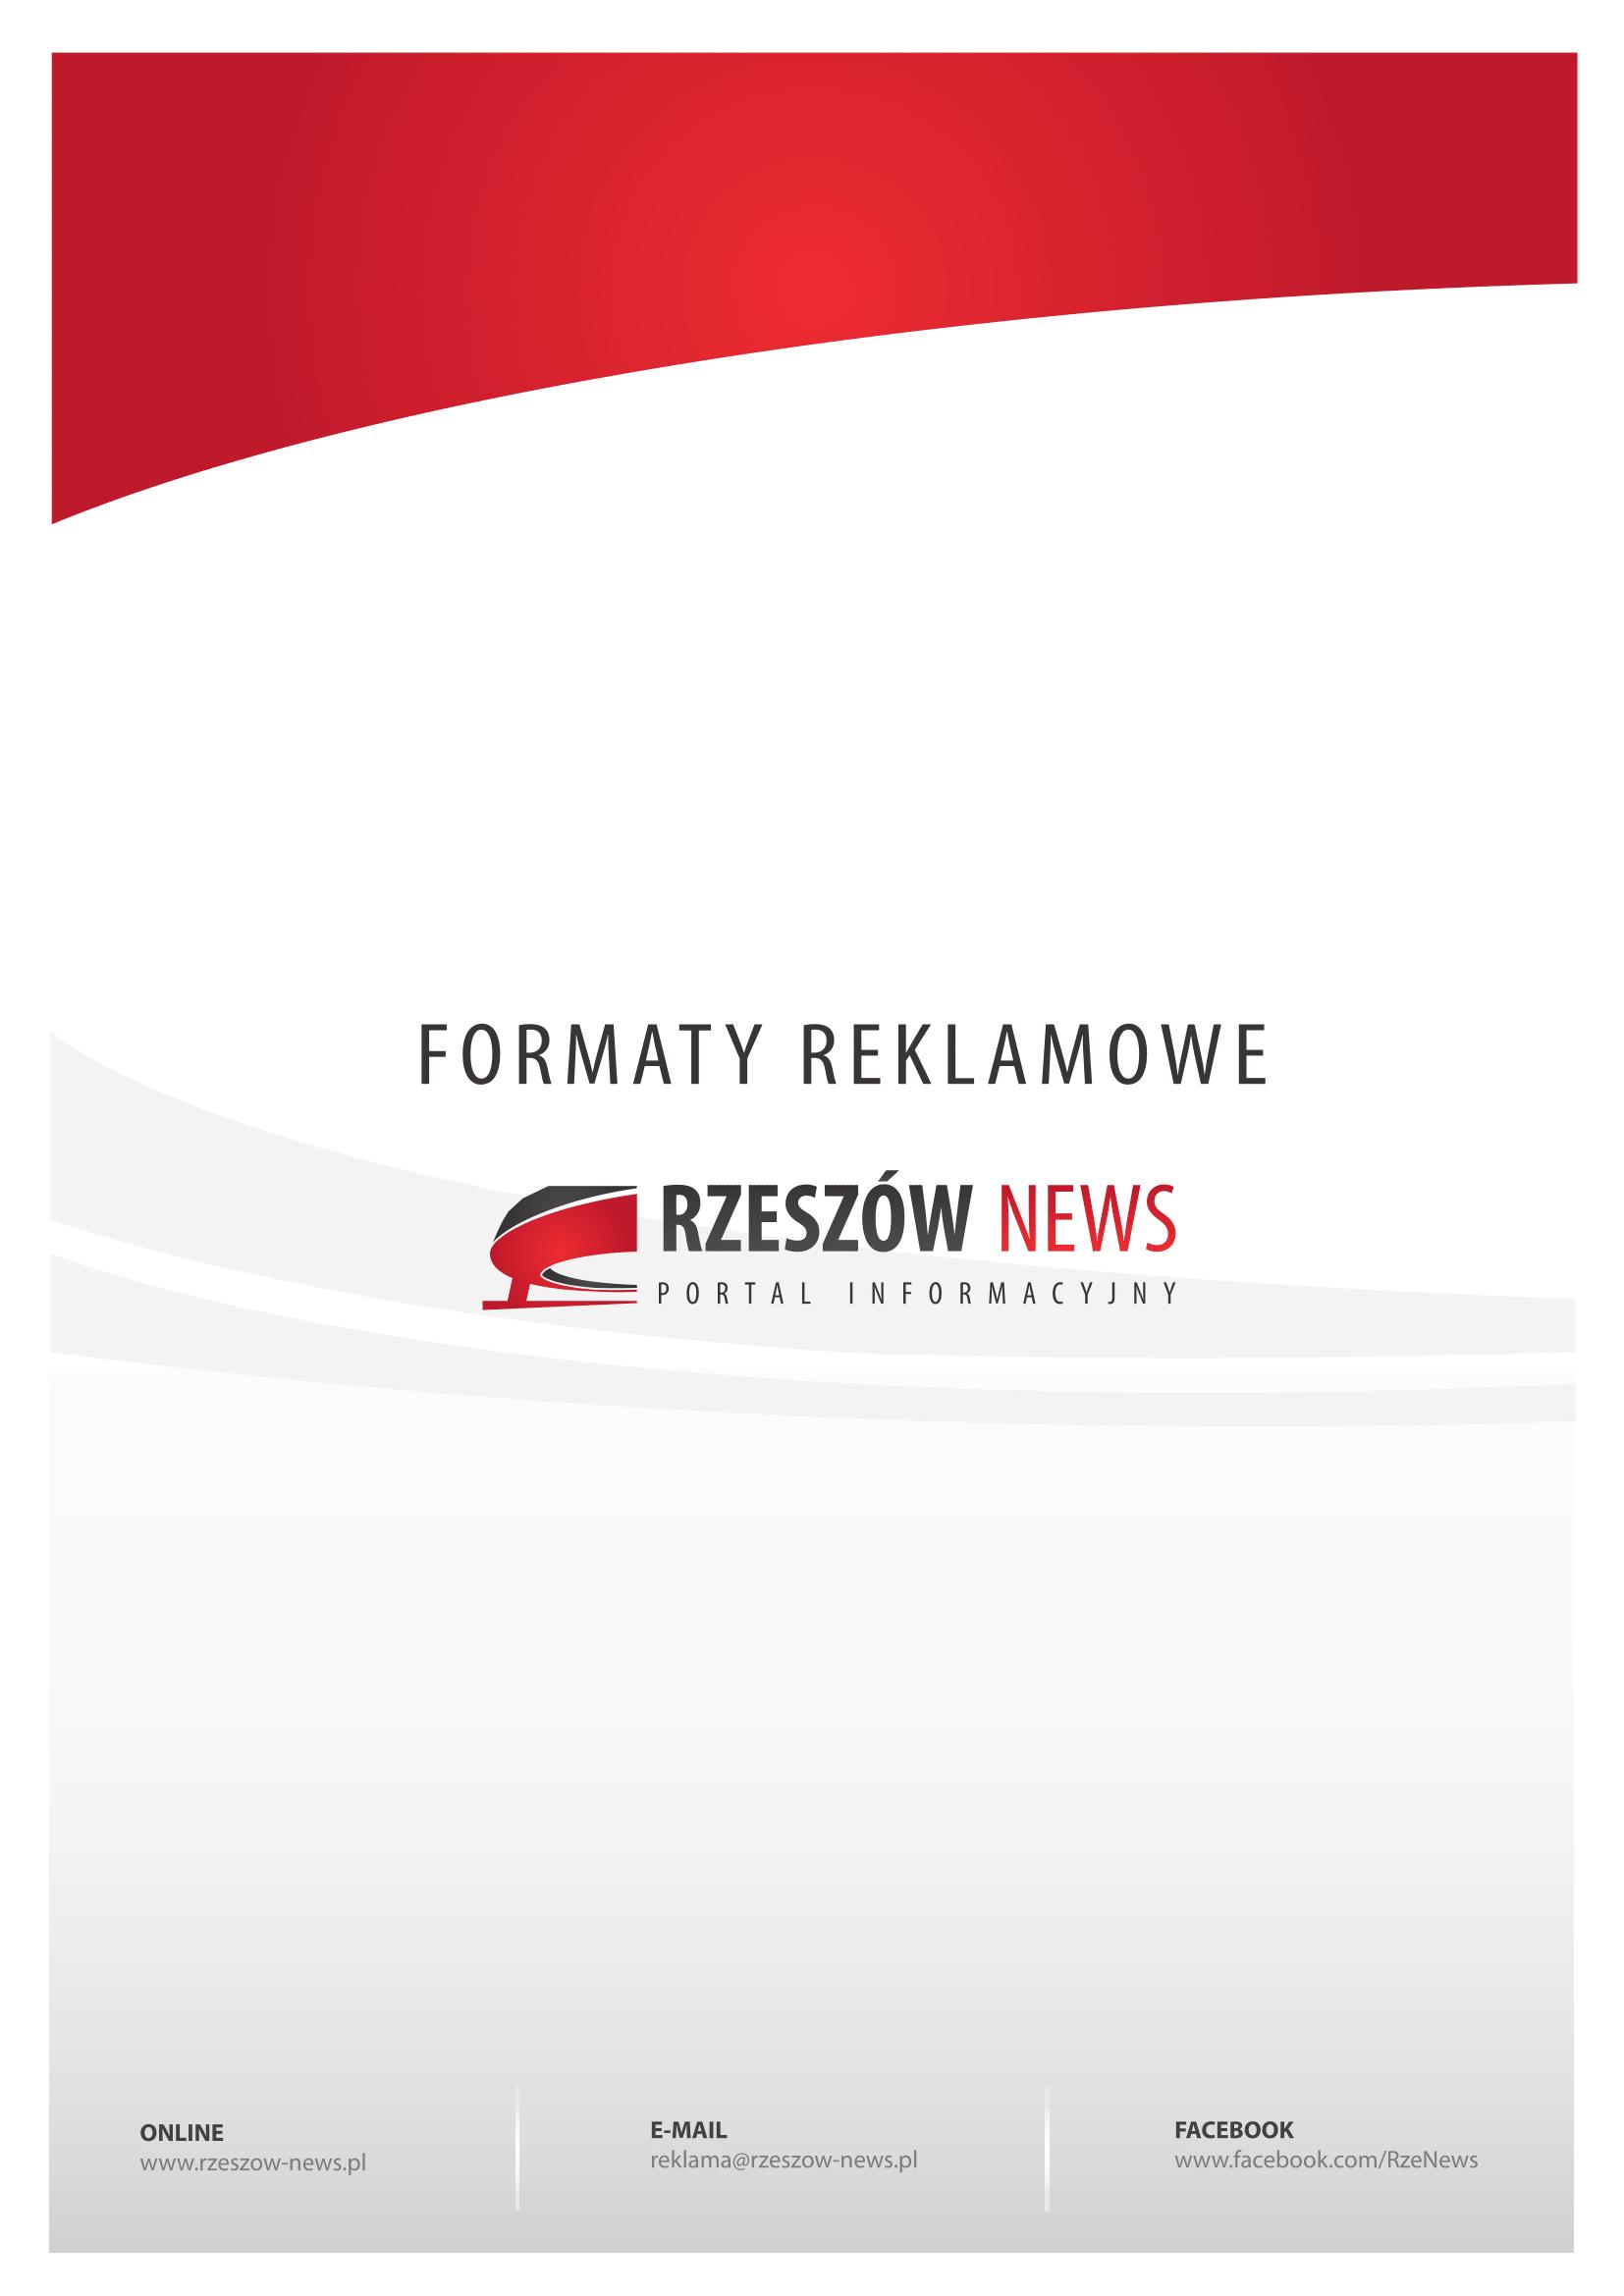 rzeszow-news-oferta-reklamowa-kopia-05